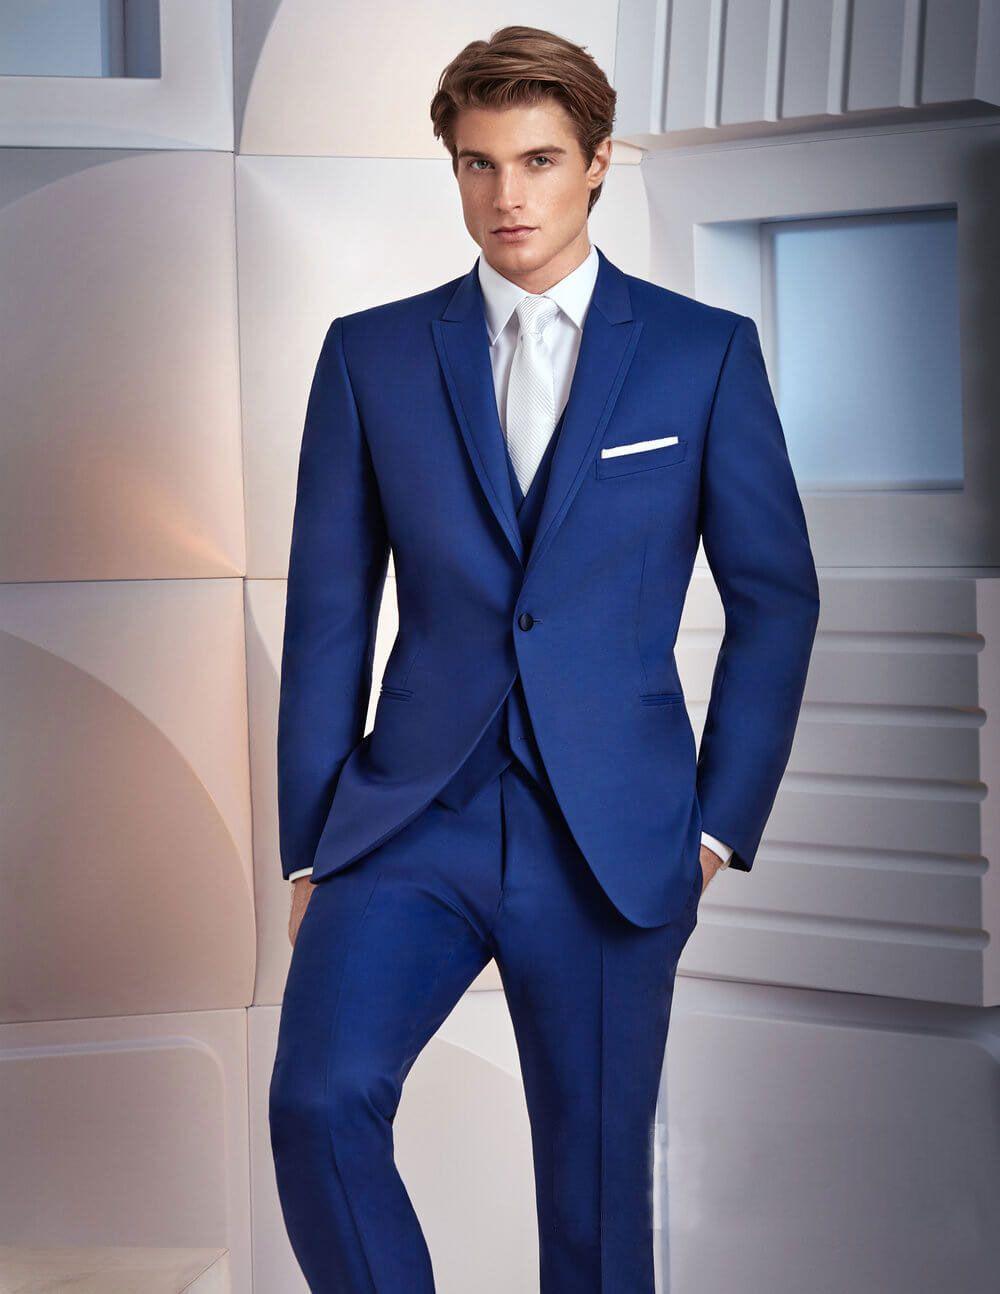 Großhandel Hohe Qualität Royal Blue Tuxedos Slim Fit Herren Hochzeit ...